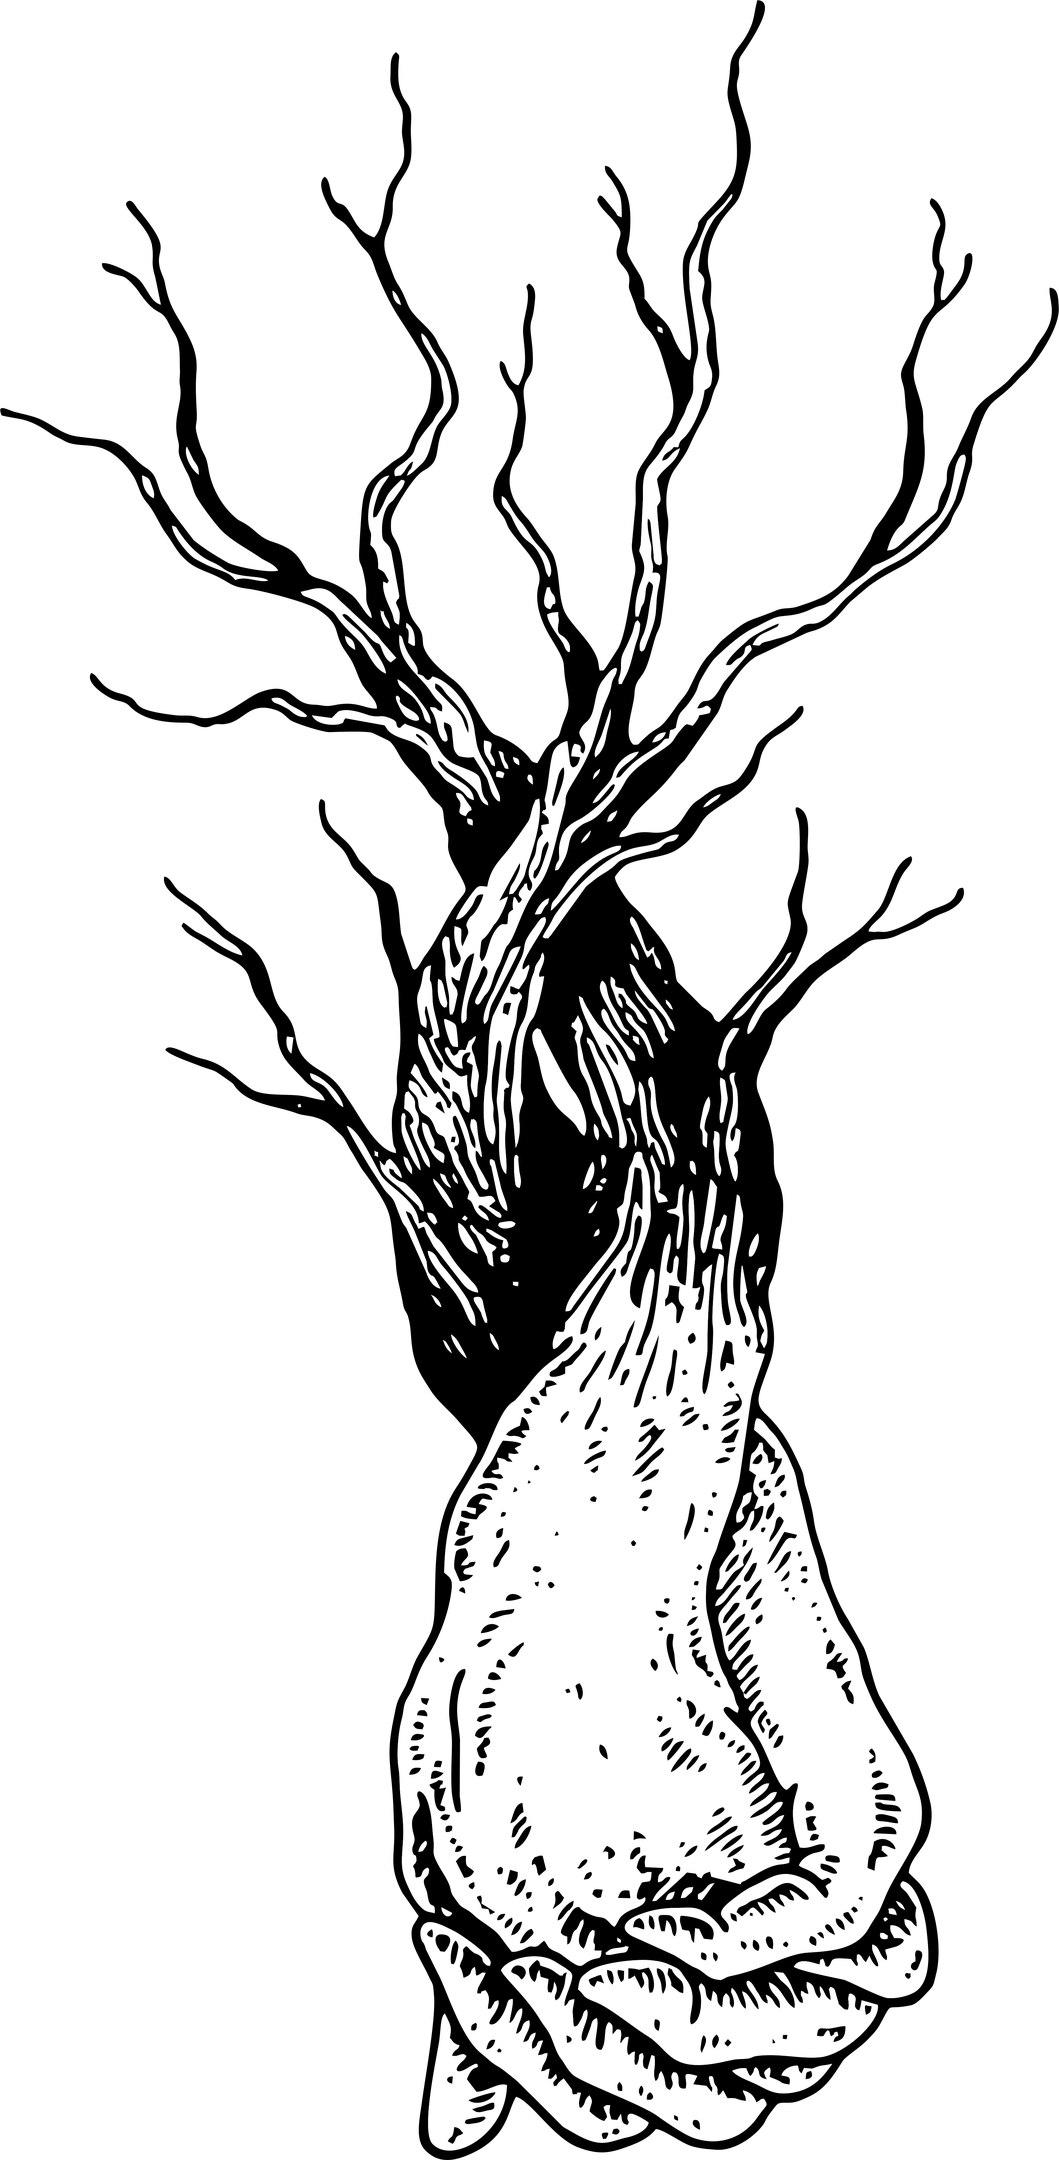 Hands Tree Free CDR Vectors Art